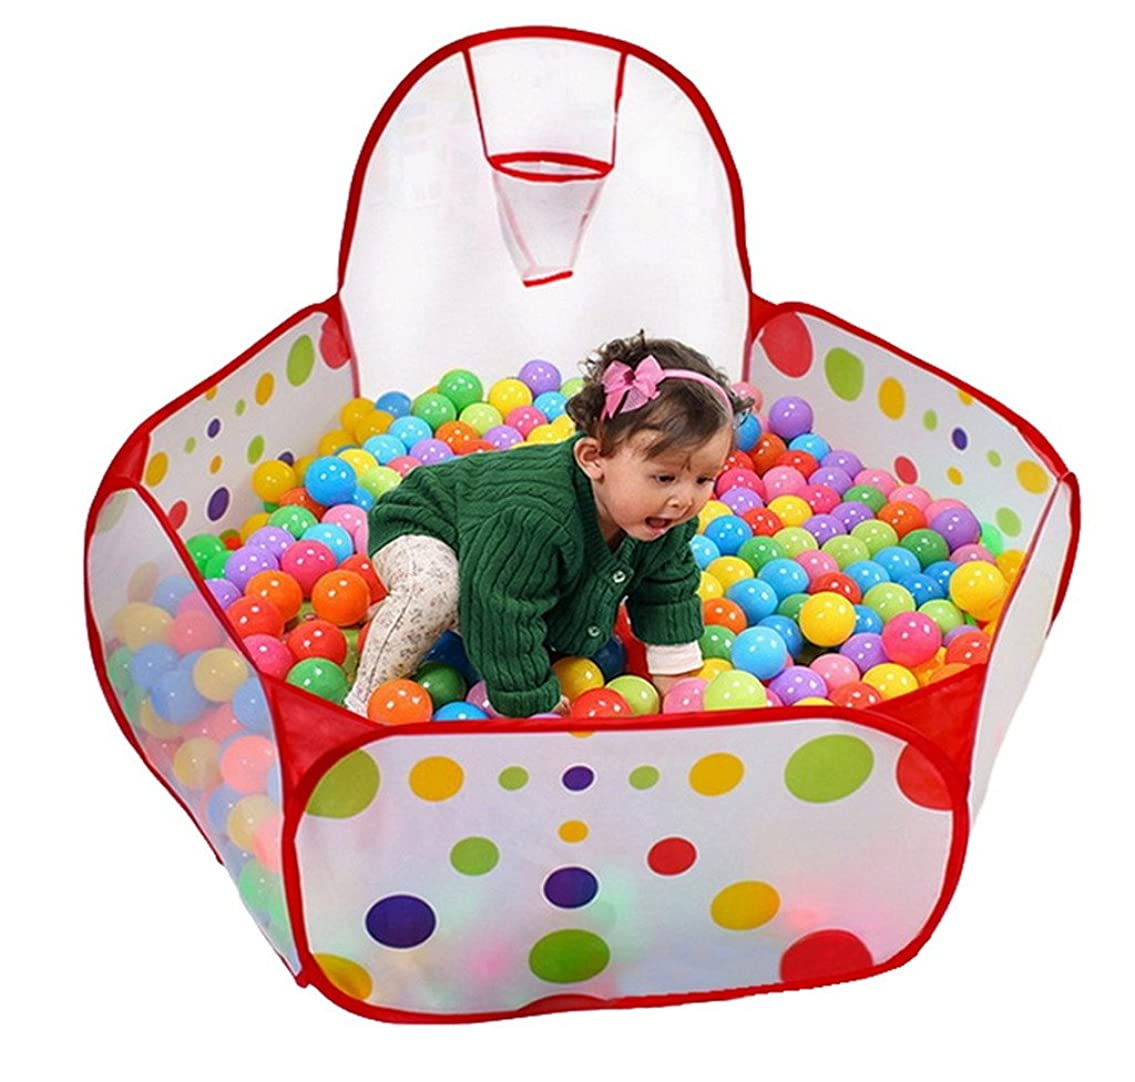 切り刻む周囲ハウジング(ビグッド)Bigood 子供 水玉柄 ボールプール プレイハウス 折り畳み式 おもちゃ 知育玩具 屋内遊具 ボールハウス プレゼント(タイプB?90)